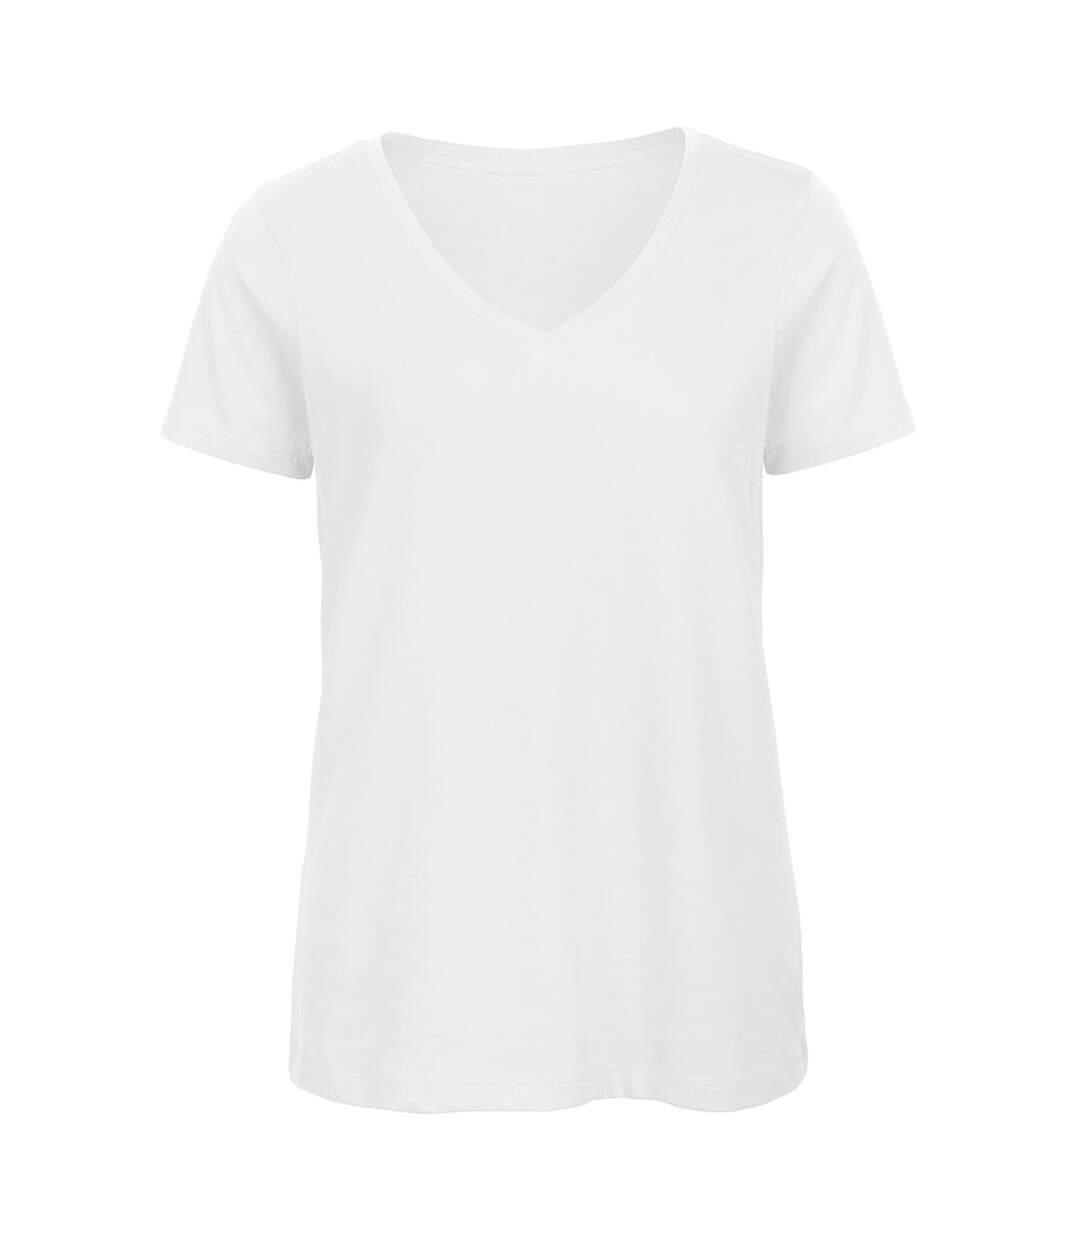 B&C Favourite - T-Shirt En Coton Bio À  Col V - Femme (Blanc) - UTBC3642